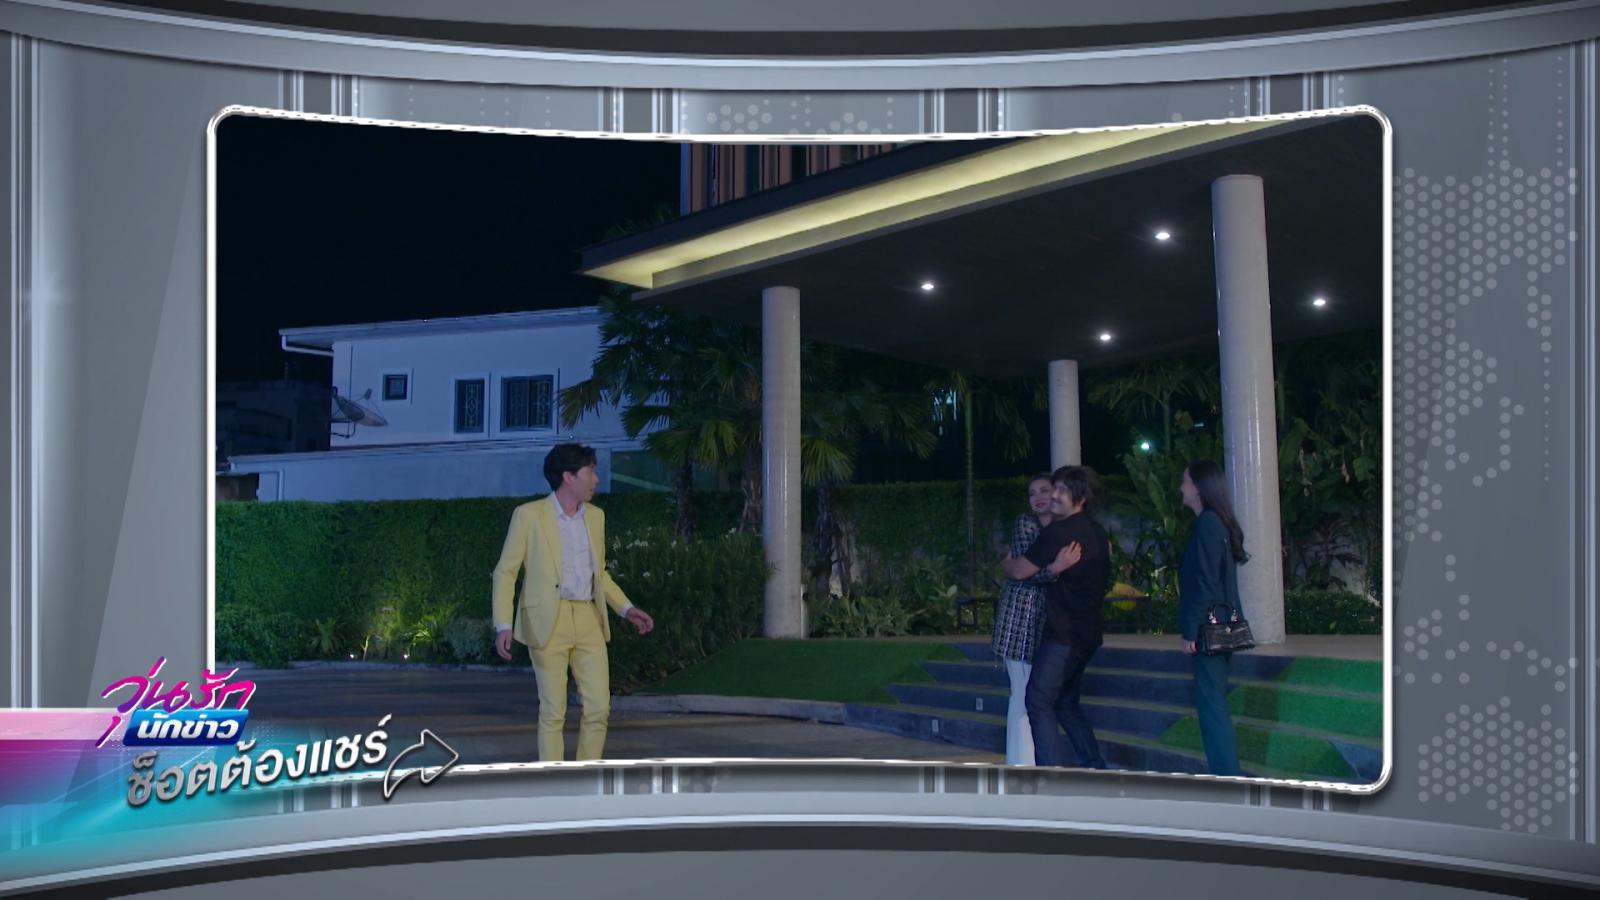 วุ่นรักนักข่าว EP.24   ฟินสุด   ช็อตต้องแชร์   PPTV HD 36